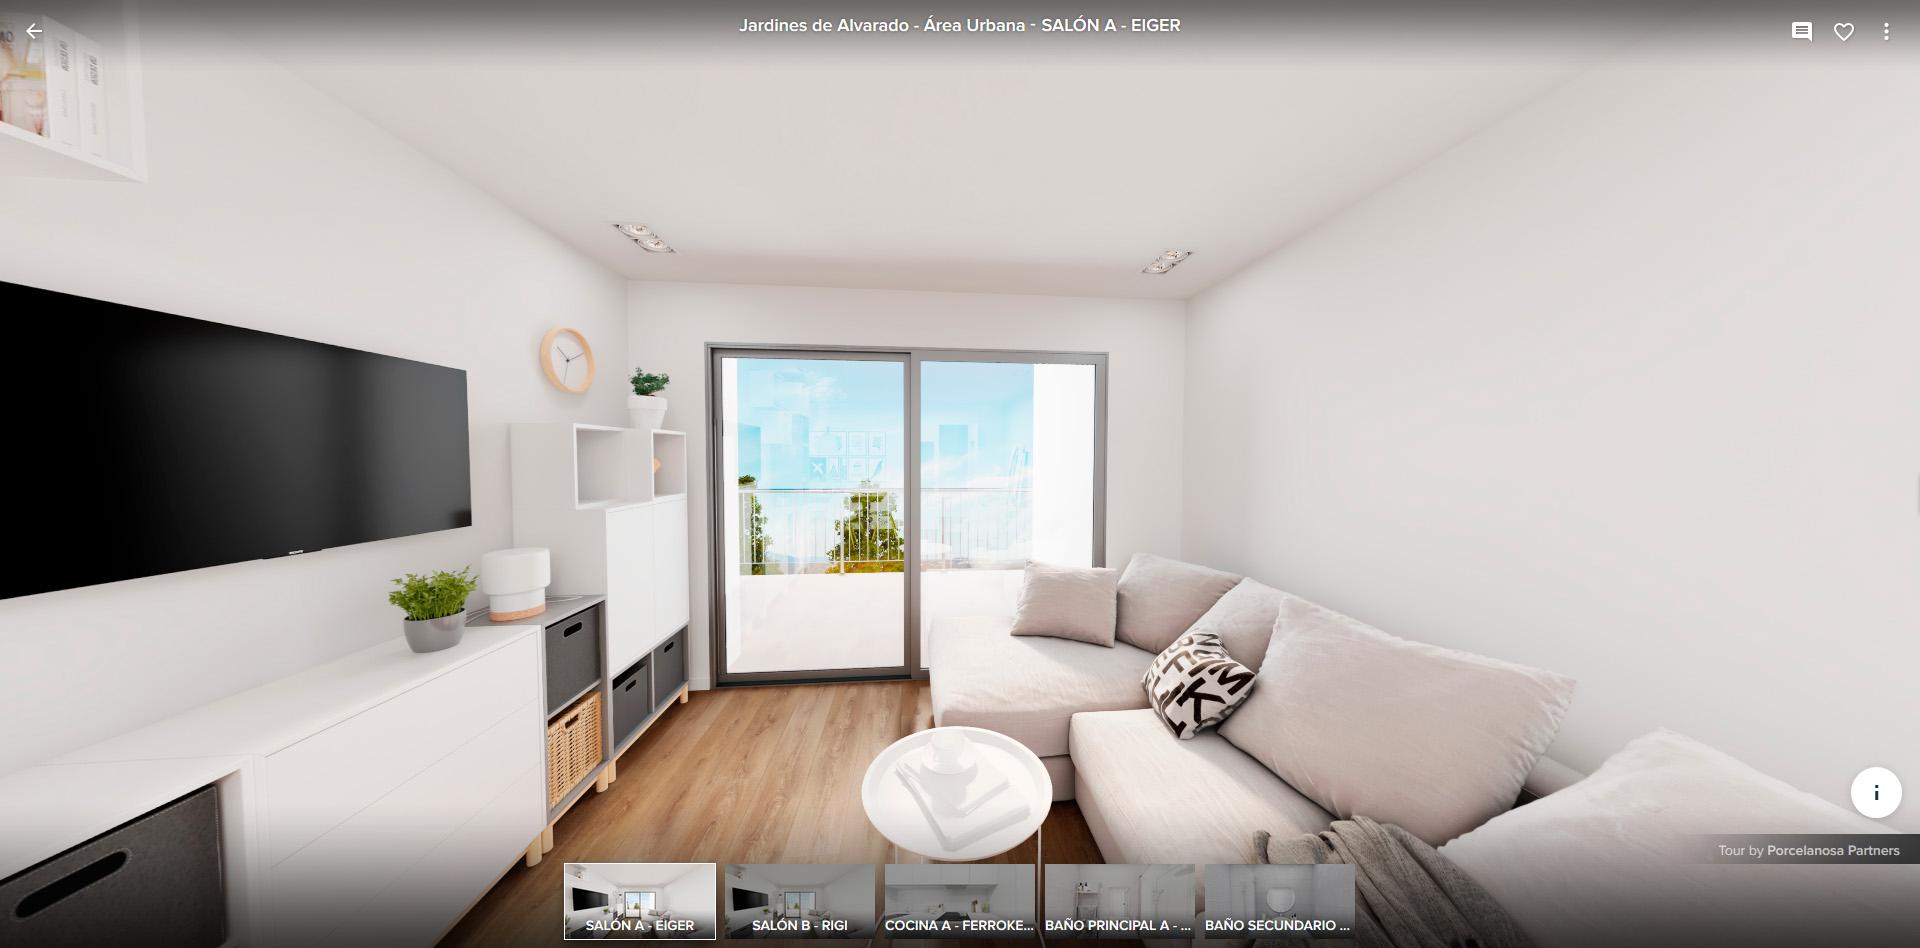 Residencial Jardines de Alvarado Visita Virtual